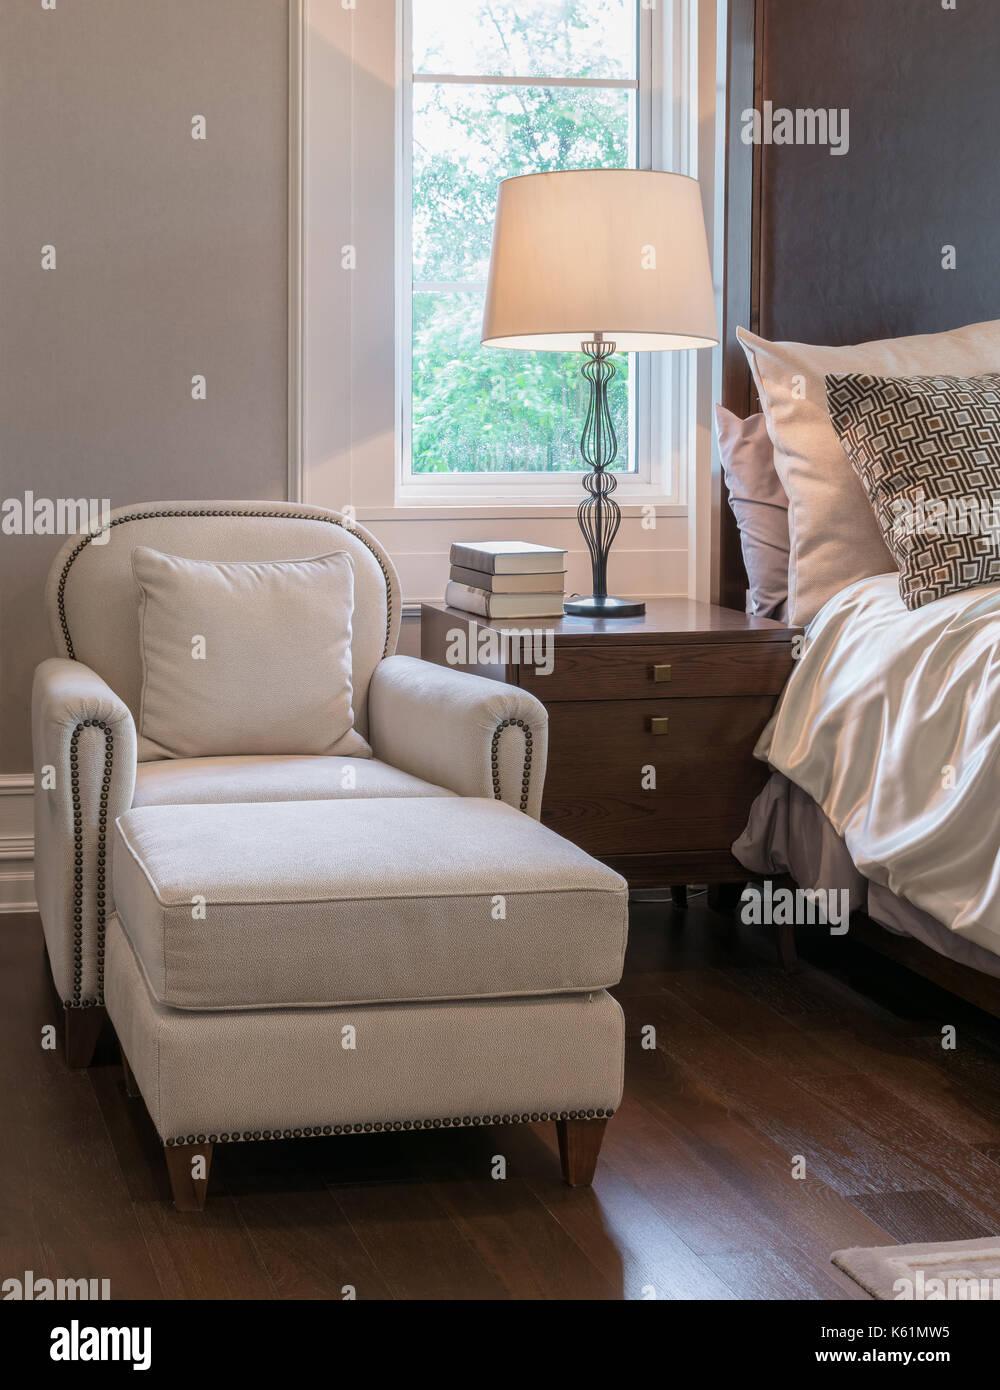 Bett Schlafzimmer Bett Bank Decke Blau Lehrstuhl Classic